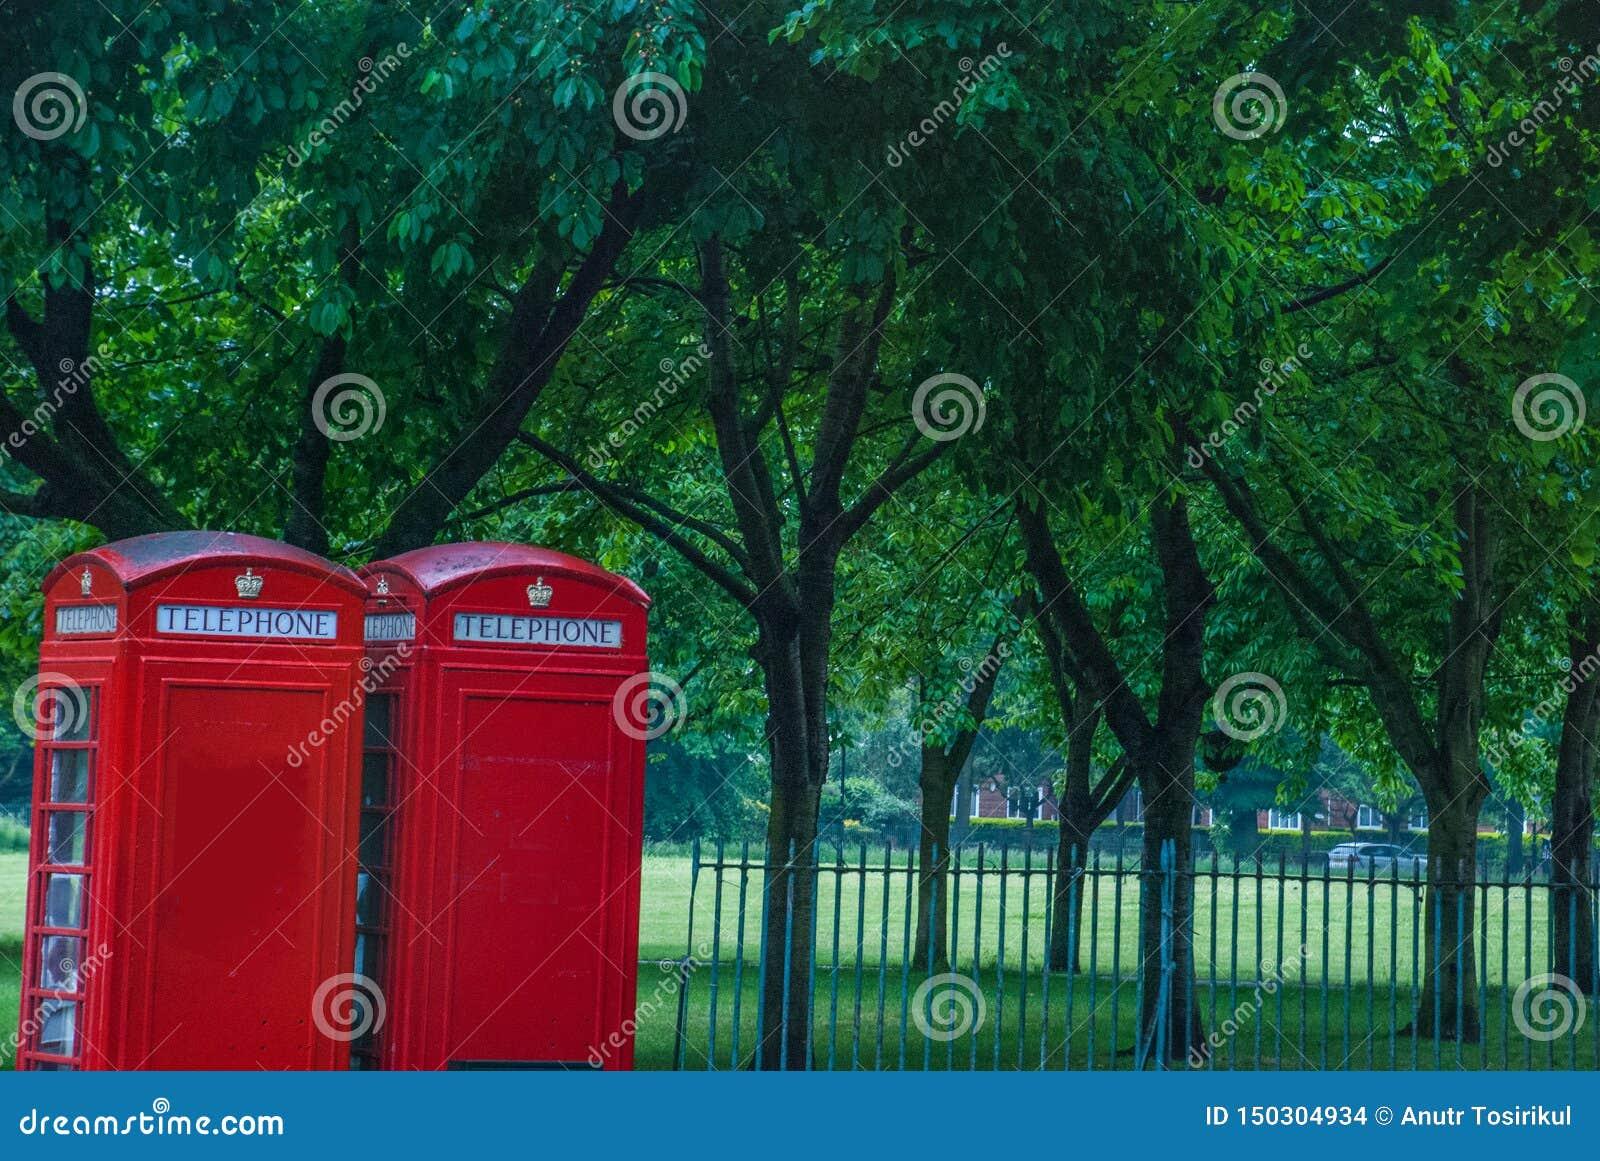 Style de cru des cabines téléphoniques rouges typiques sur la rue pluvieuse à Londres